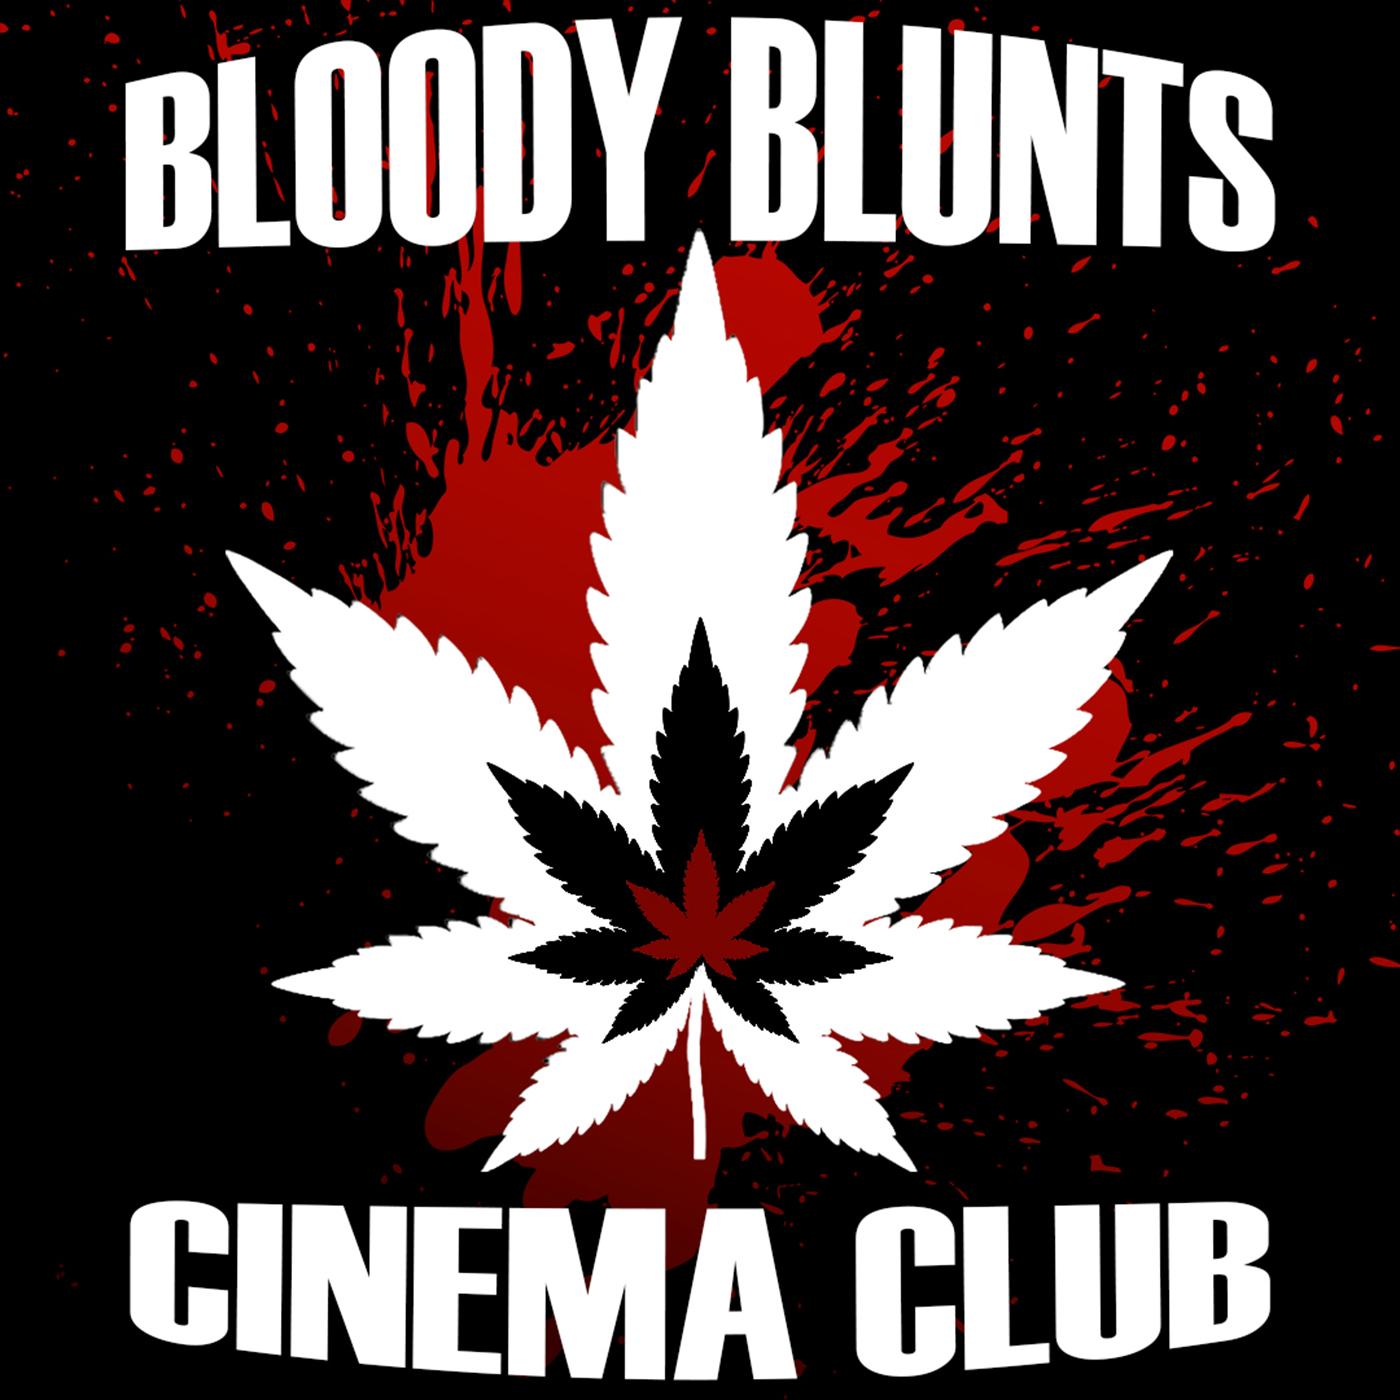 Show artwork for Bloody Blunts Cinema Club